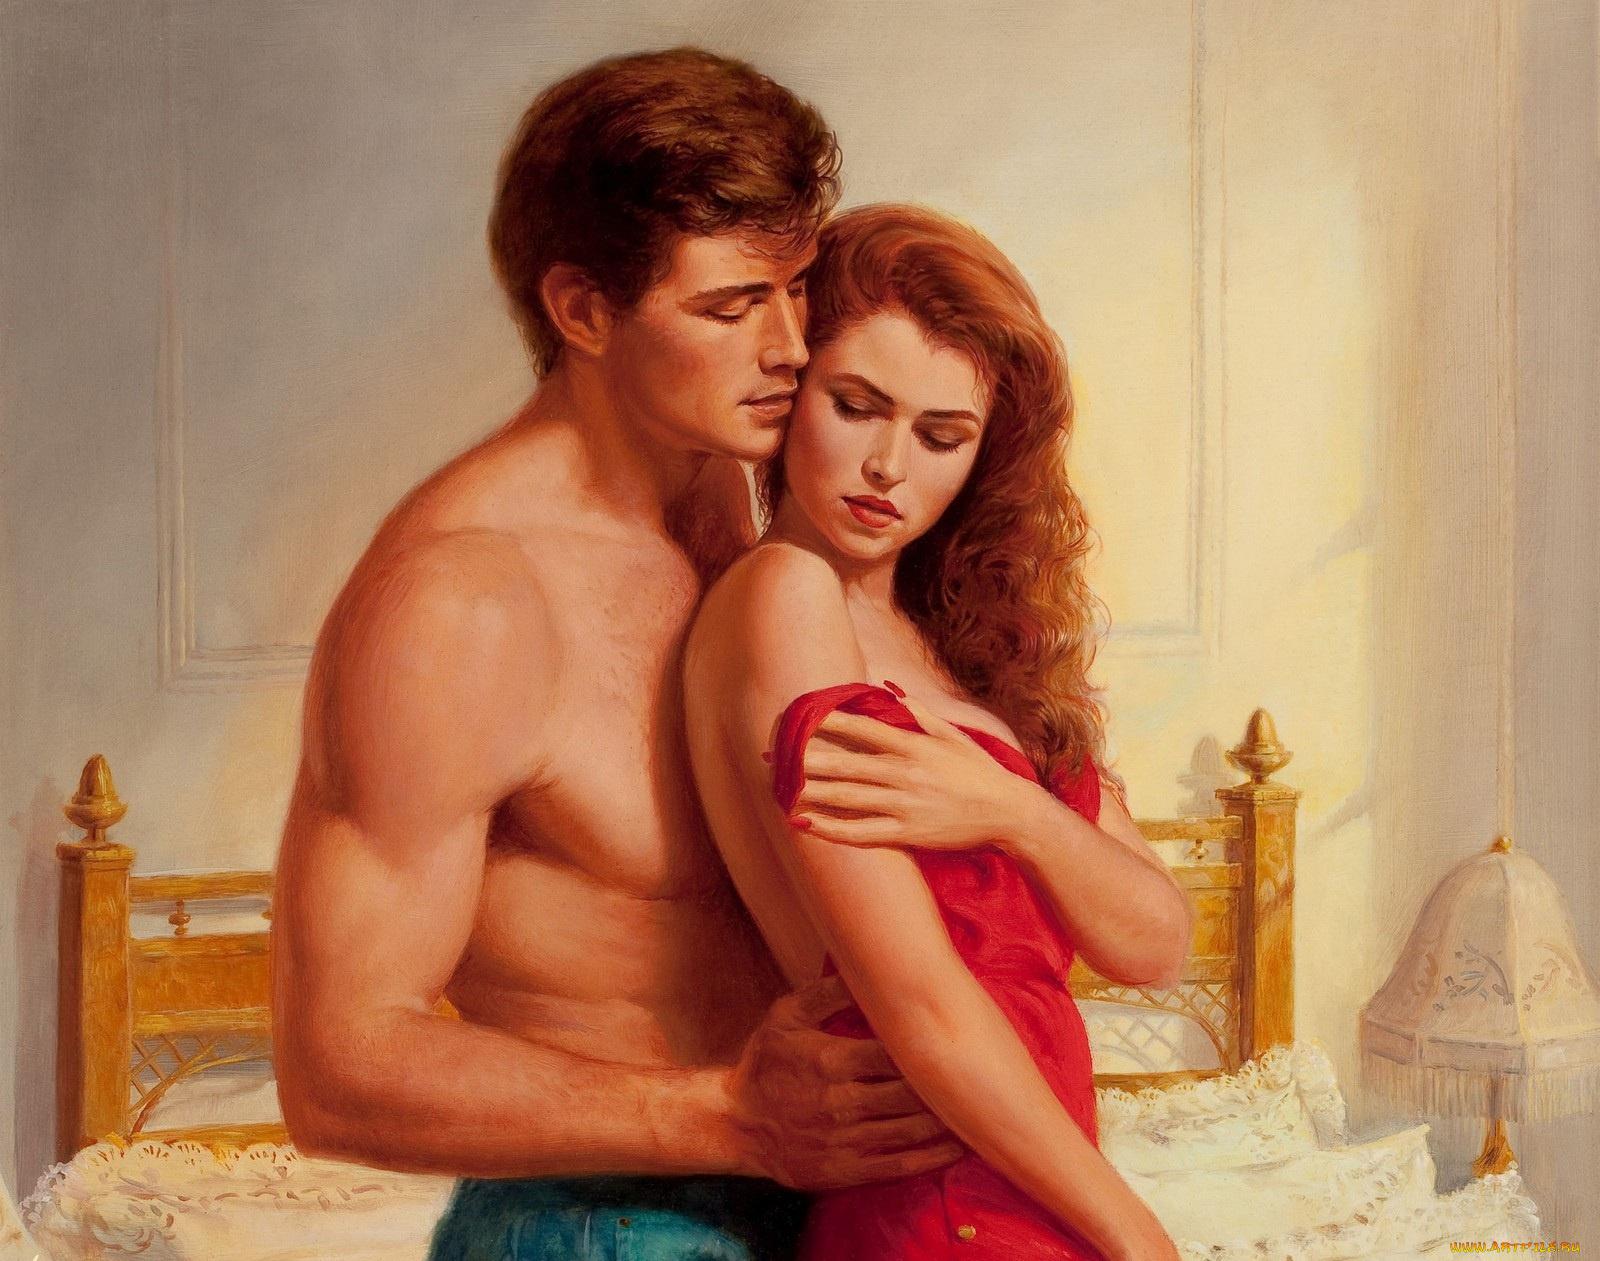 Любовный роман женщина с мужчиной в кровати видео, порно французские горничные